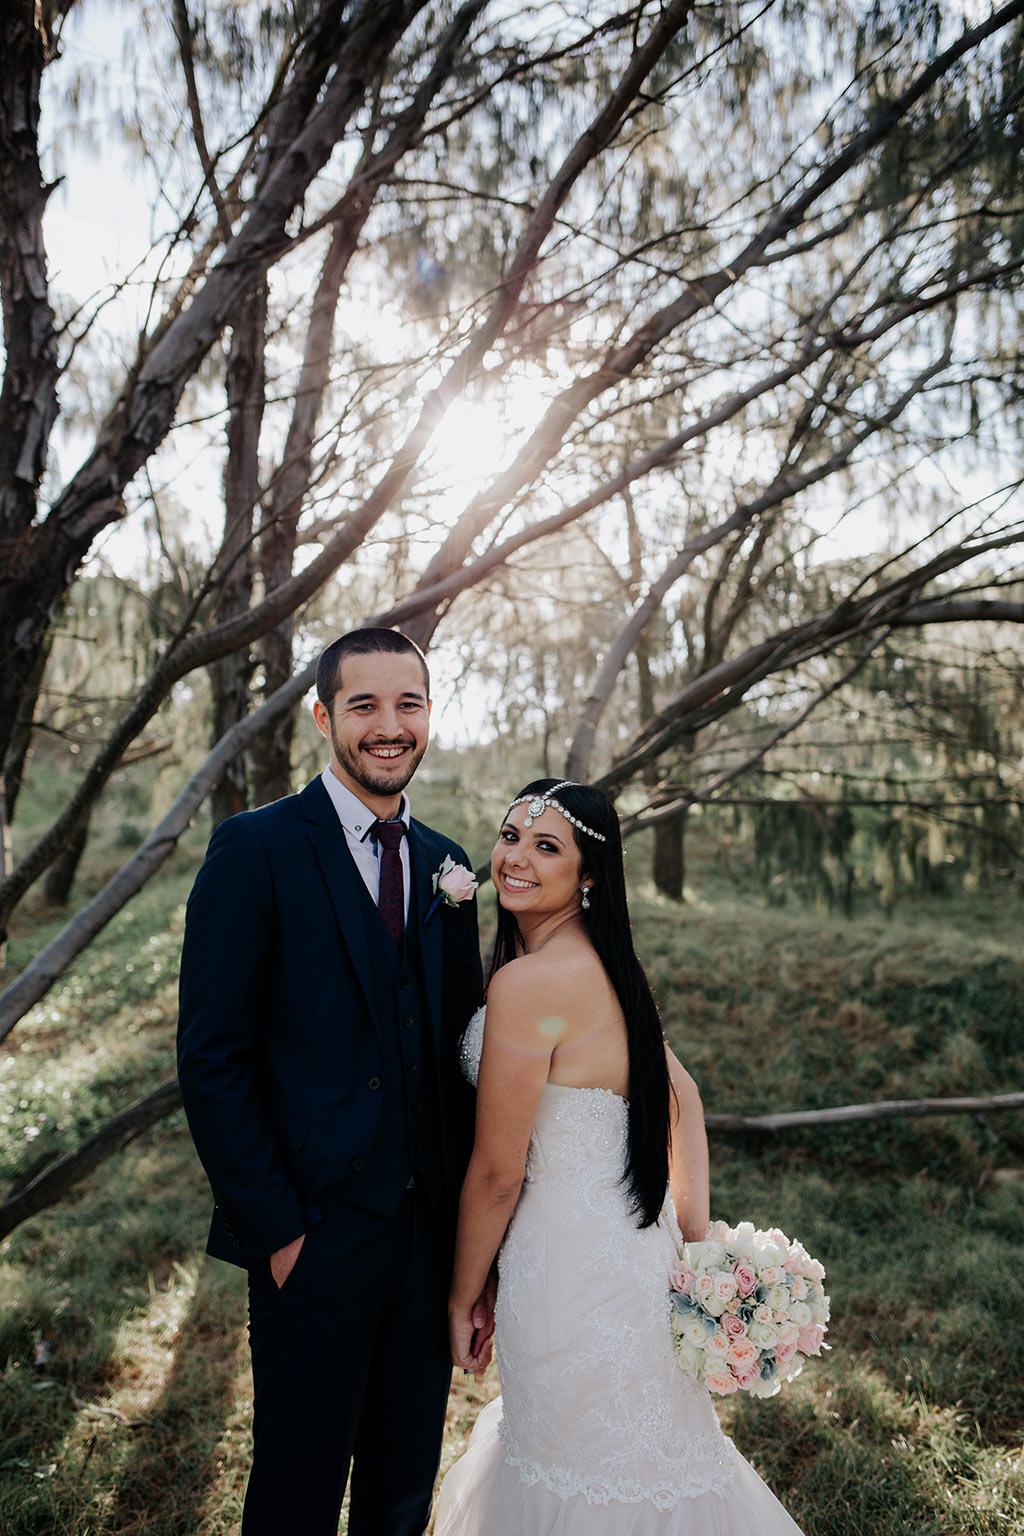 Sheraton mirage Gold Coast wedding photography